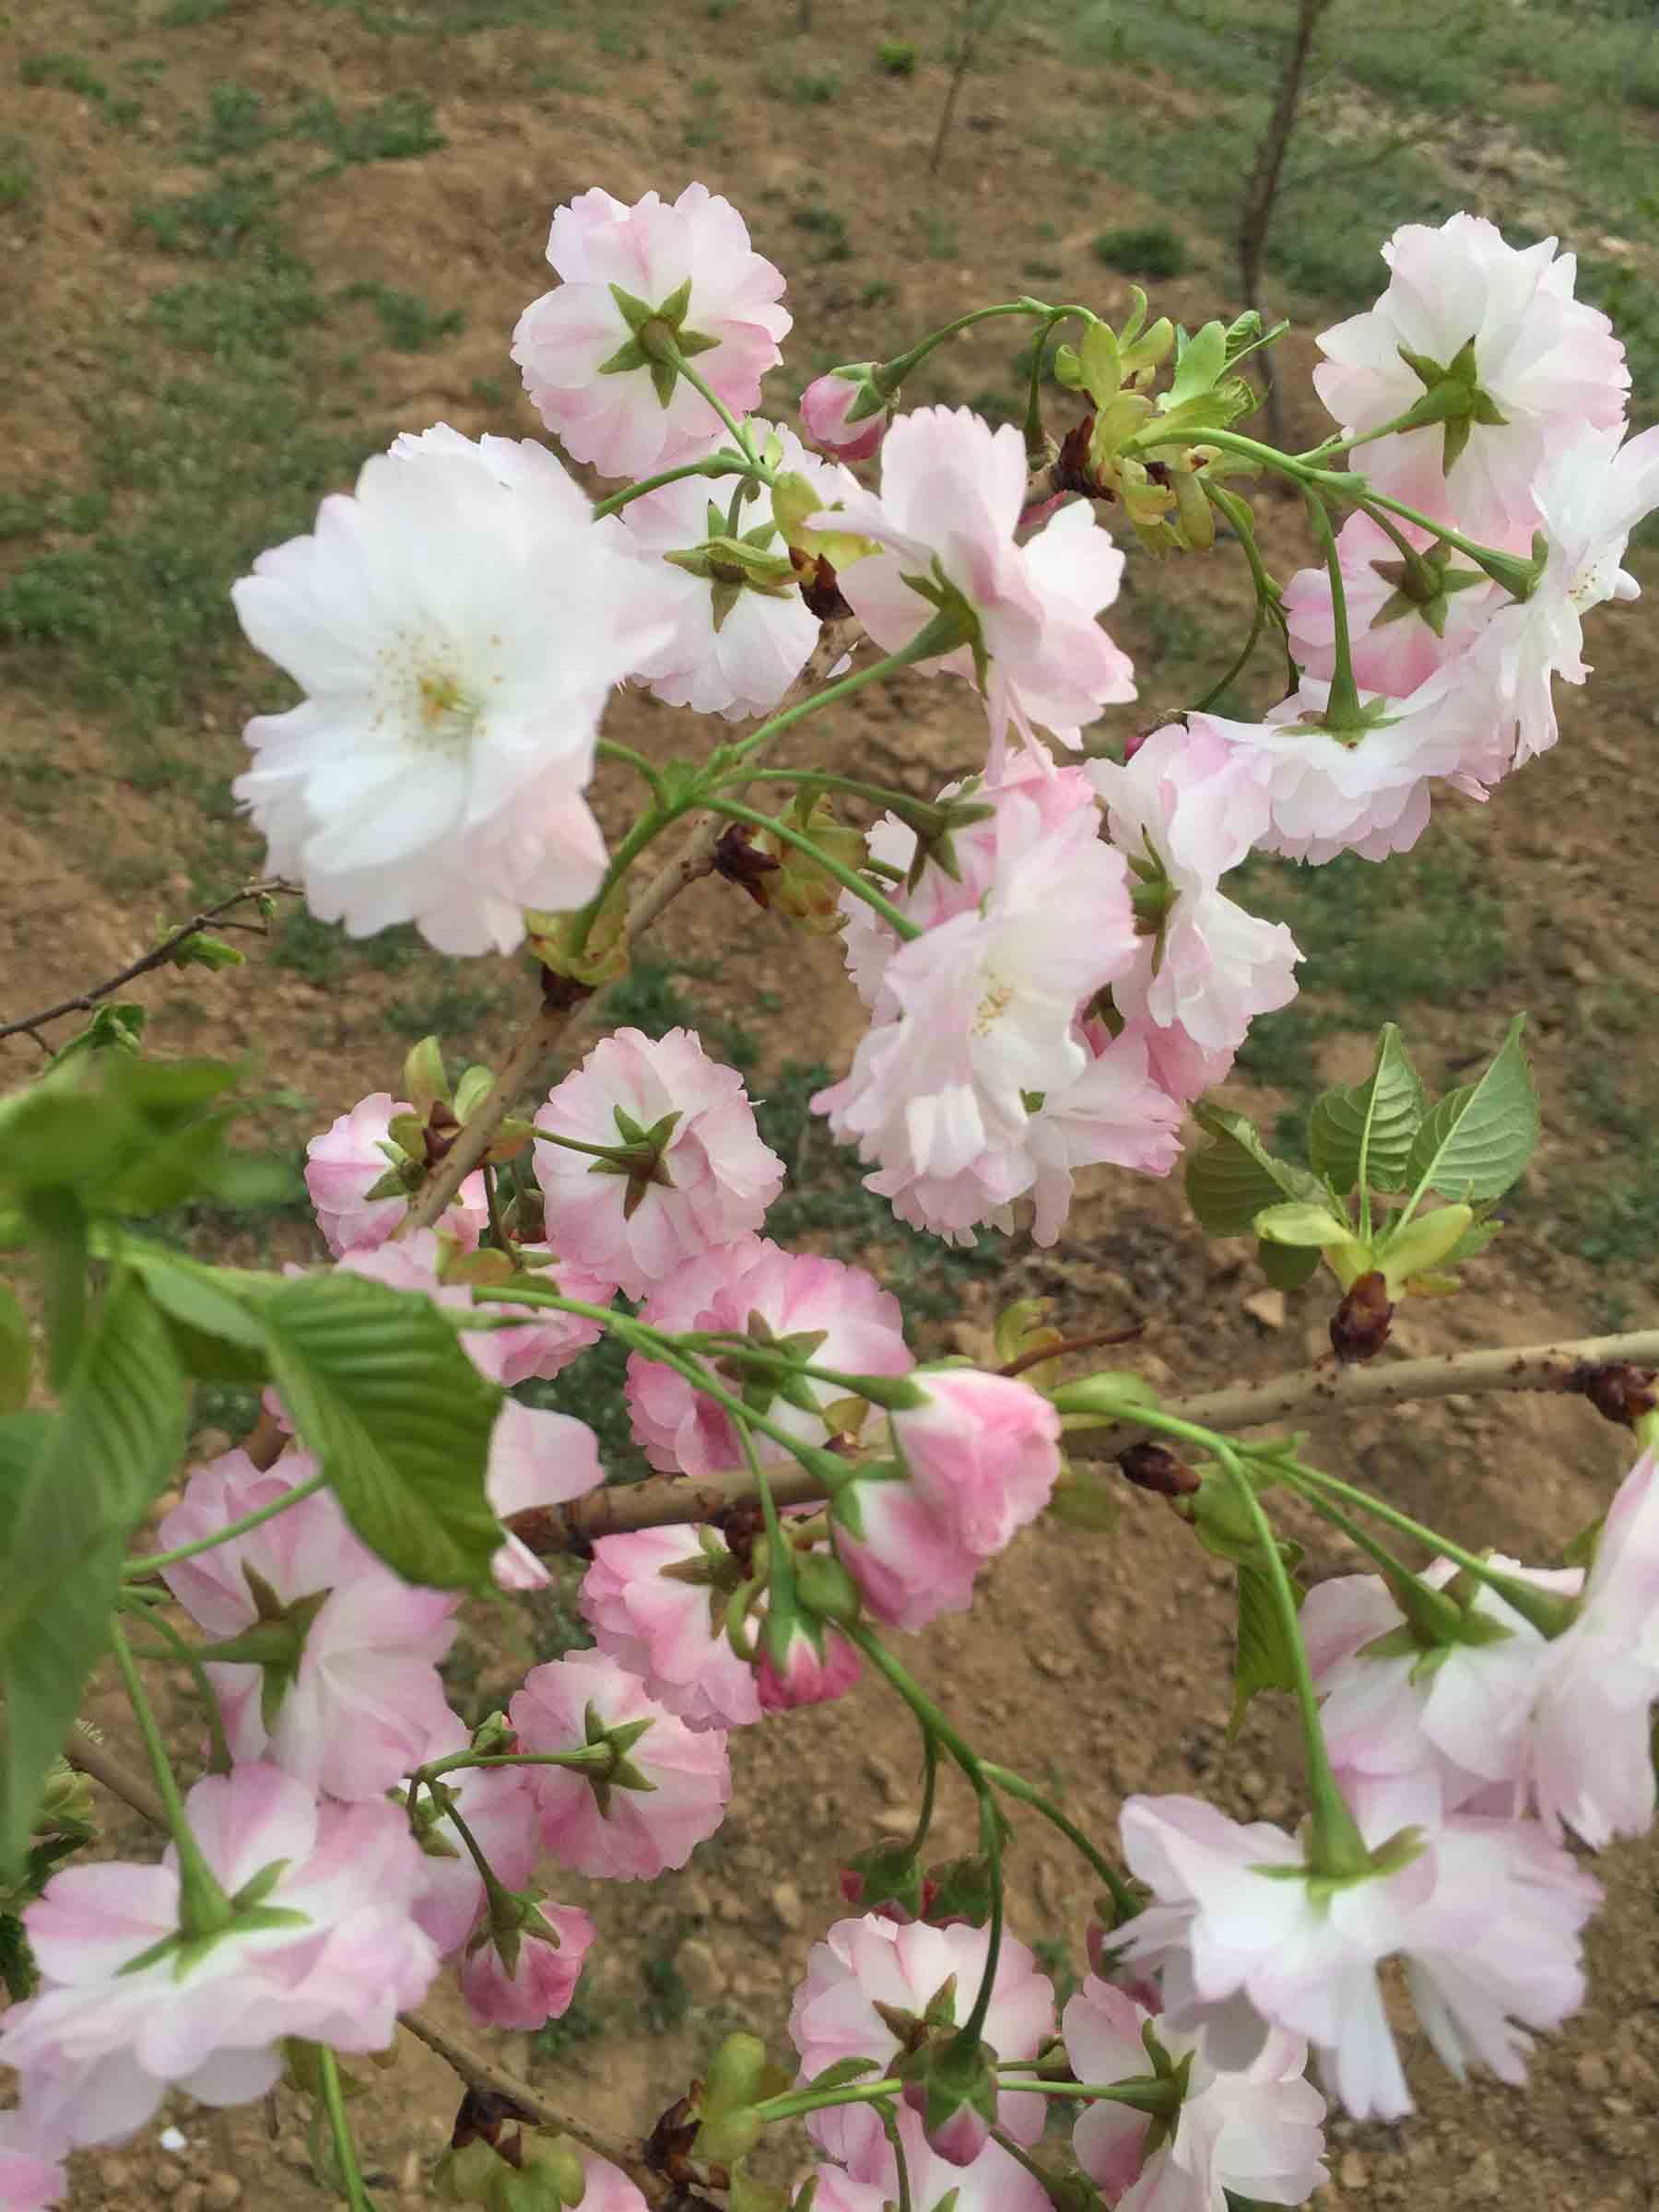 哪里购买一叶樱-一叶樱花苗的价格-一叶樱花苗哪里有